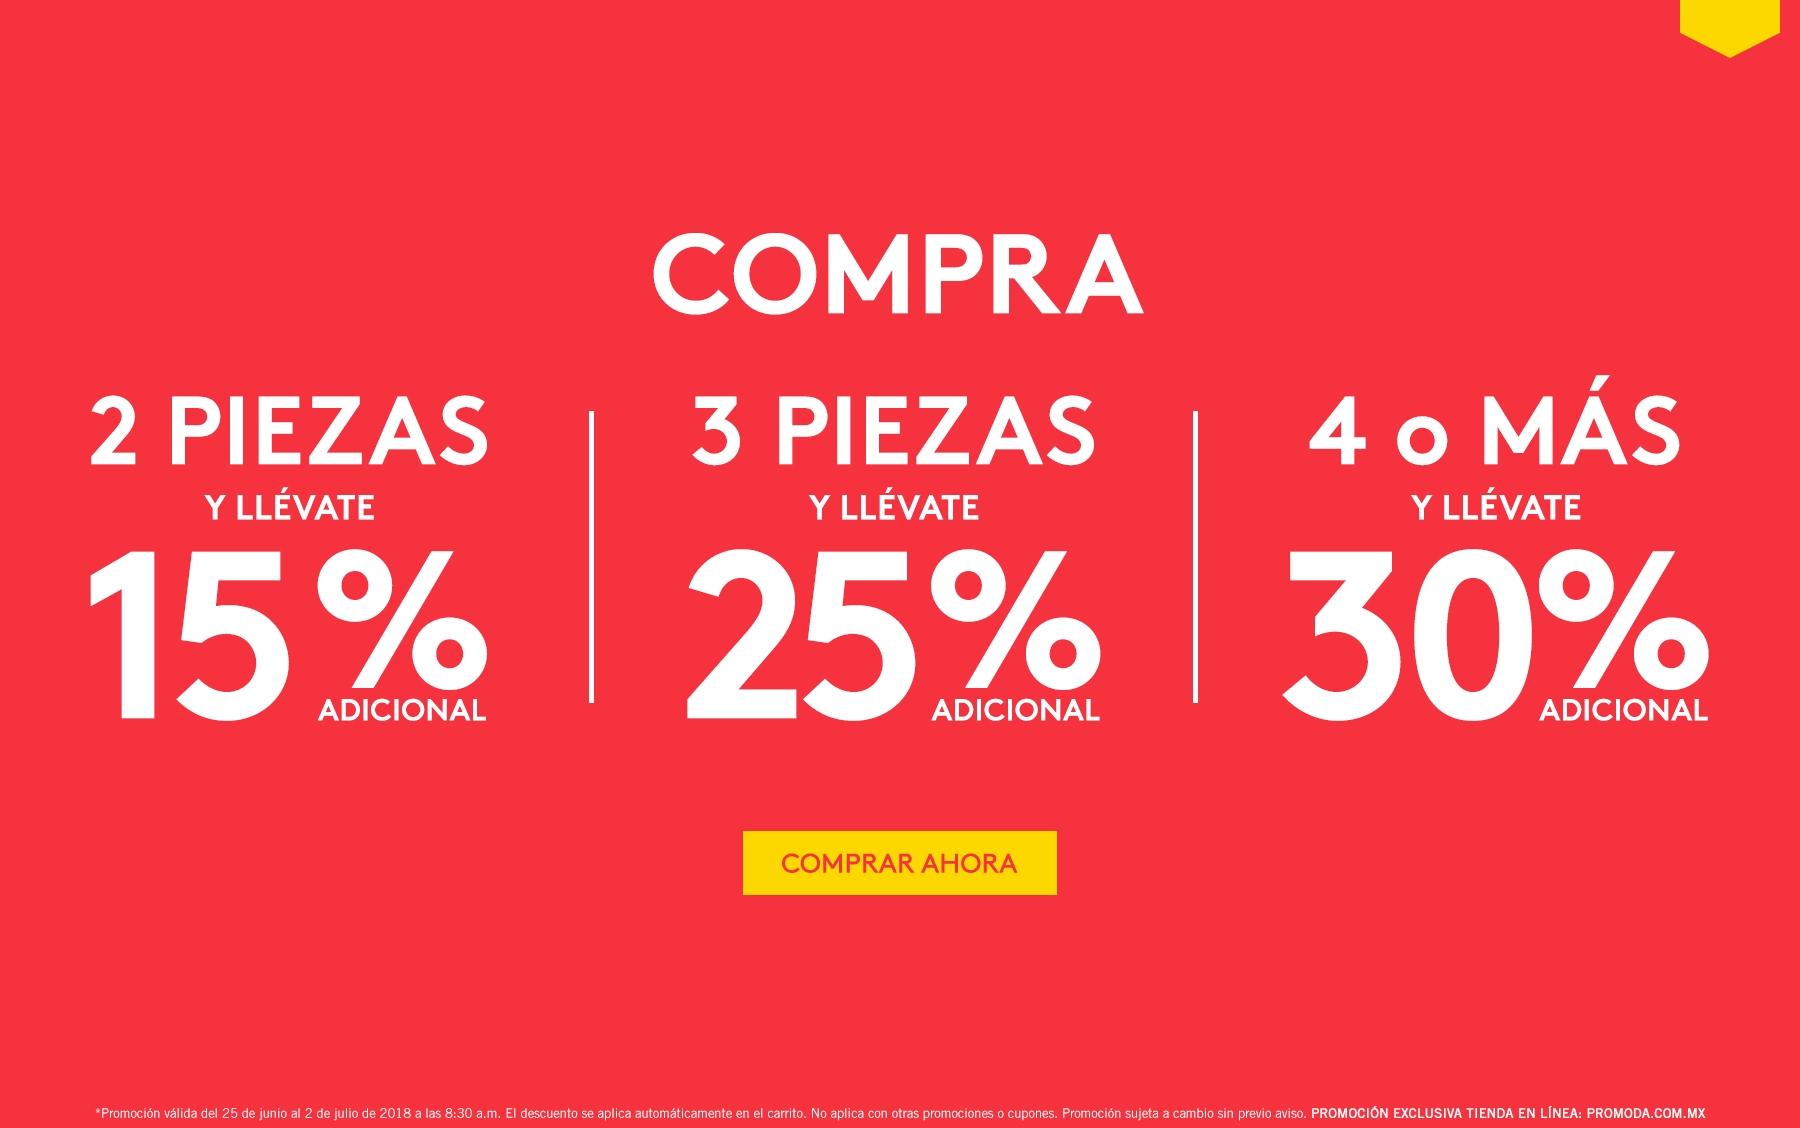 Promoda Online: 2 piezas = 15% desc... 3 piezas = 25% desc... 4 o más piezas = 30% desc.